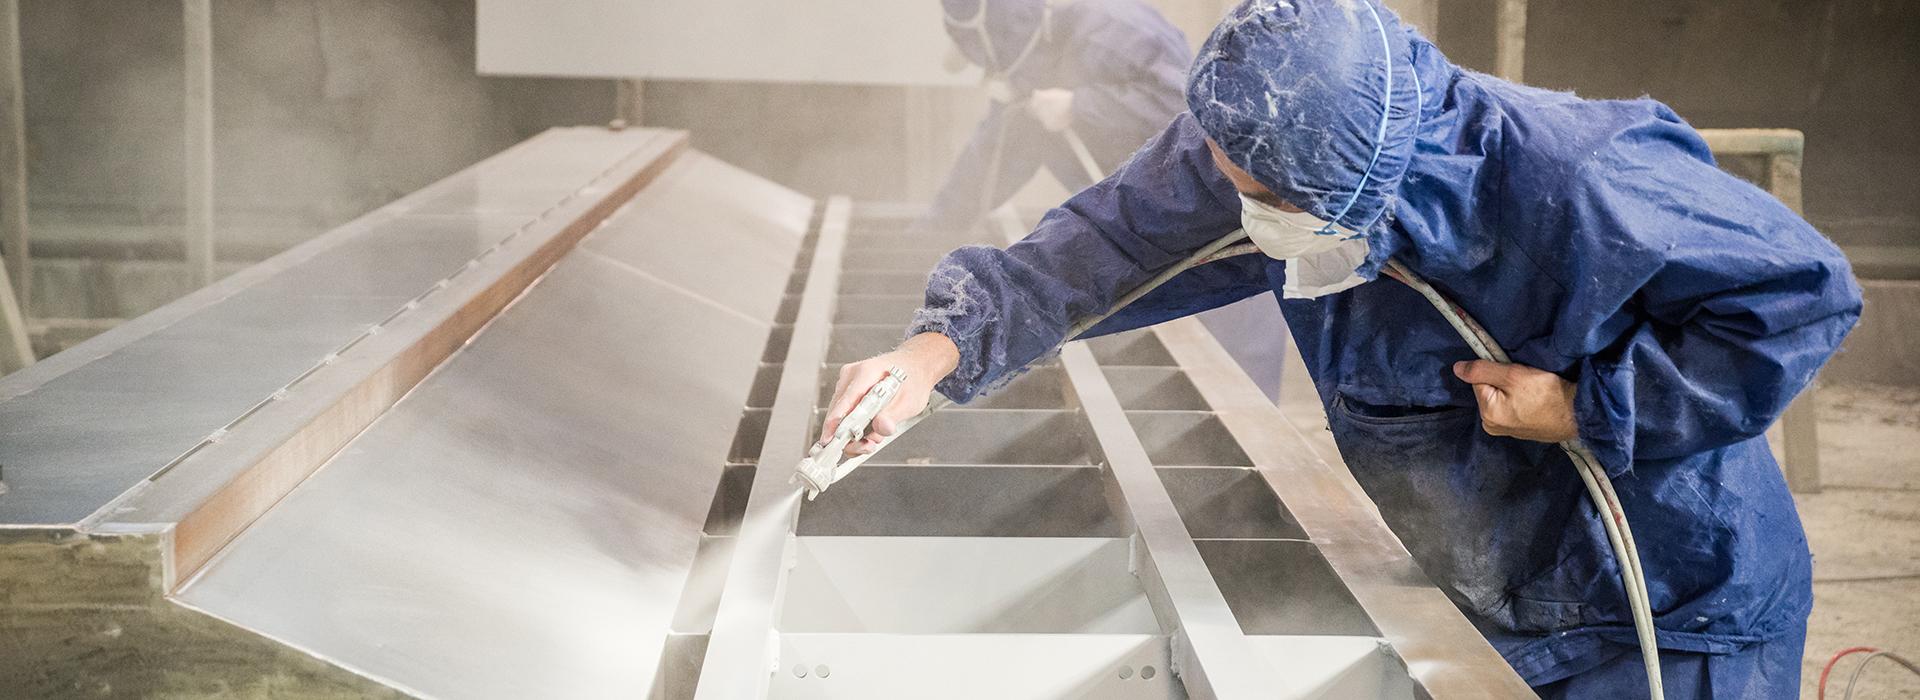 大型機械フレーム塗装も<br>自社で一貫生産